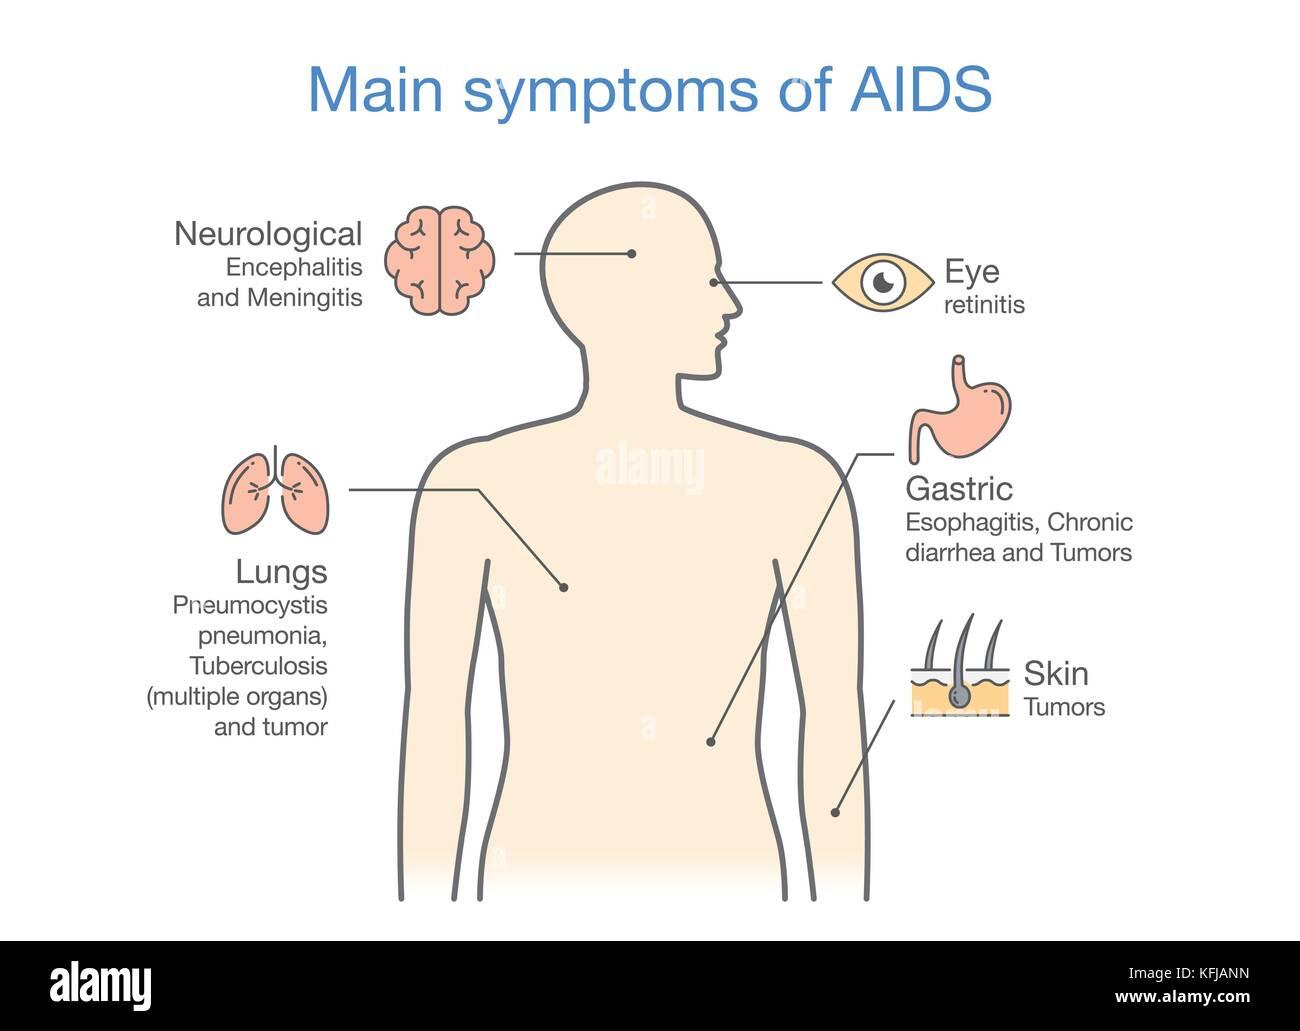 Diagram of Main symptoms of AIDS. - Stock Vector